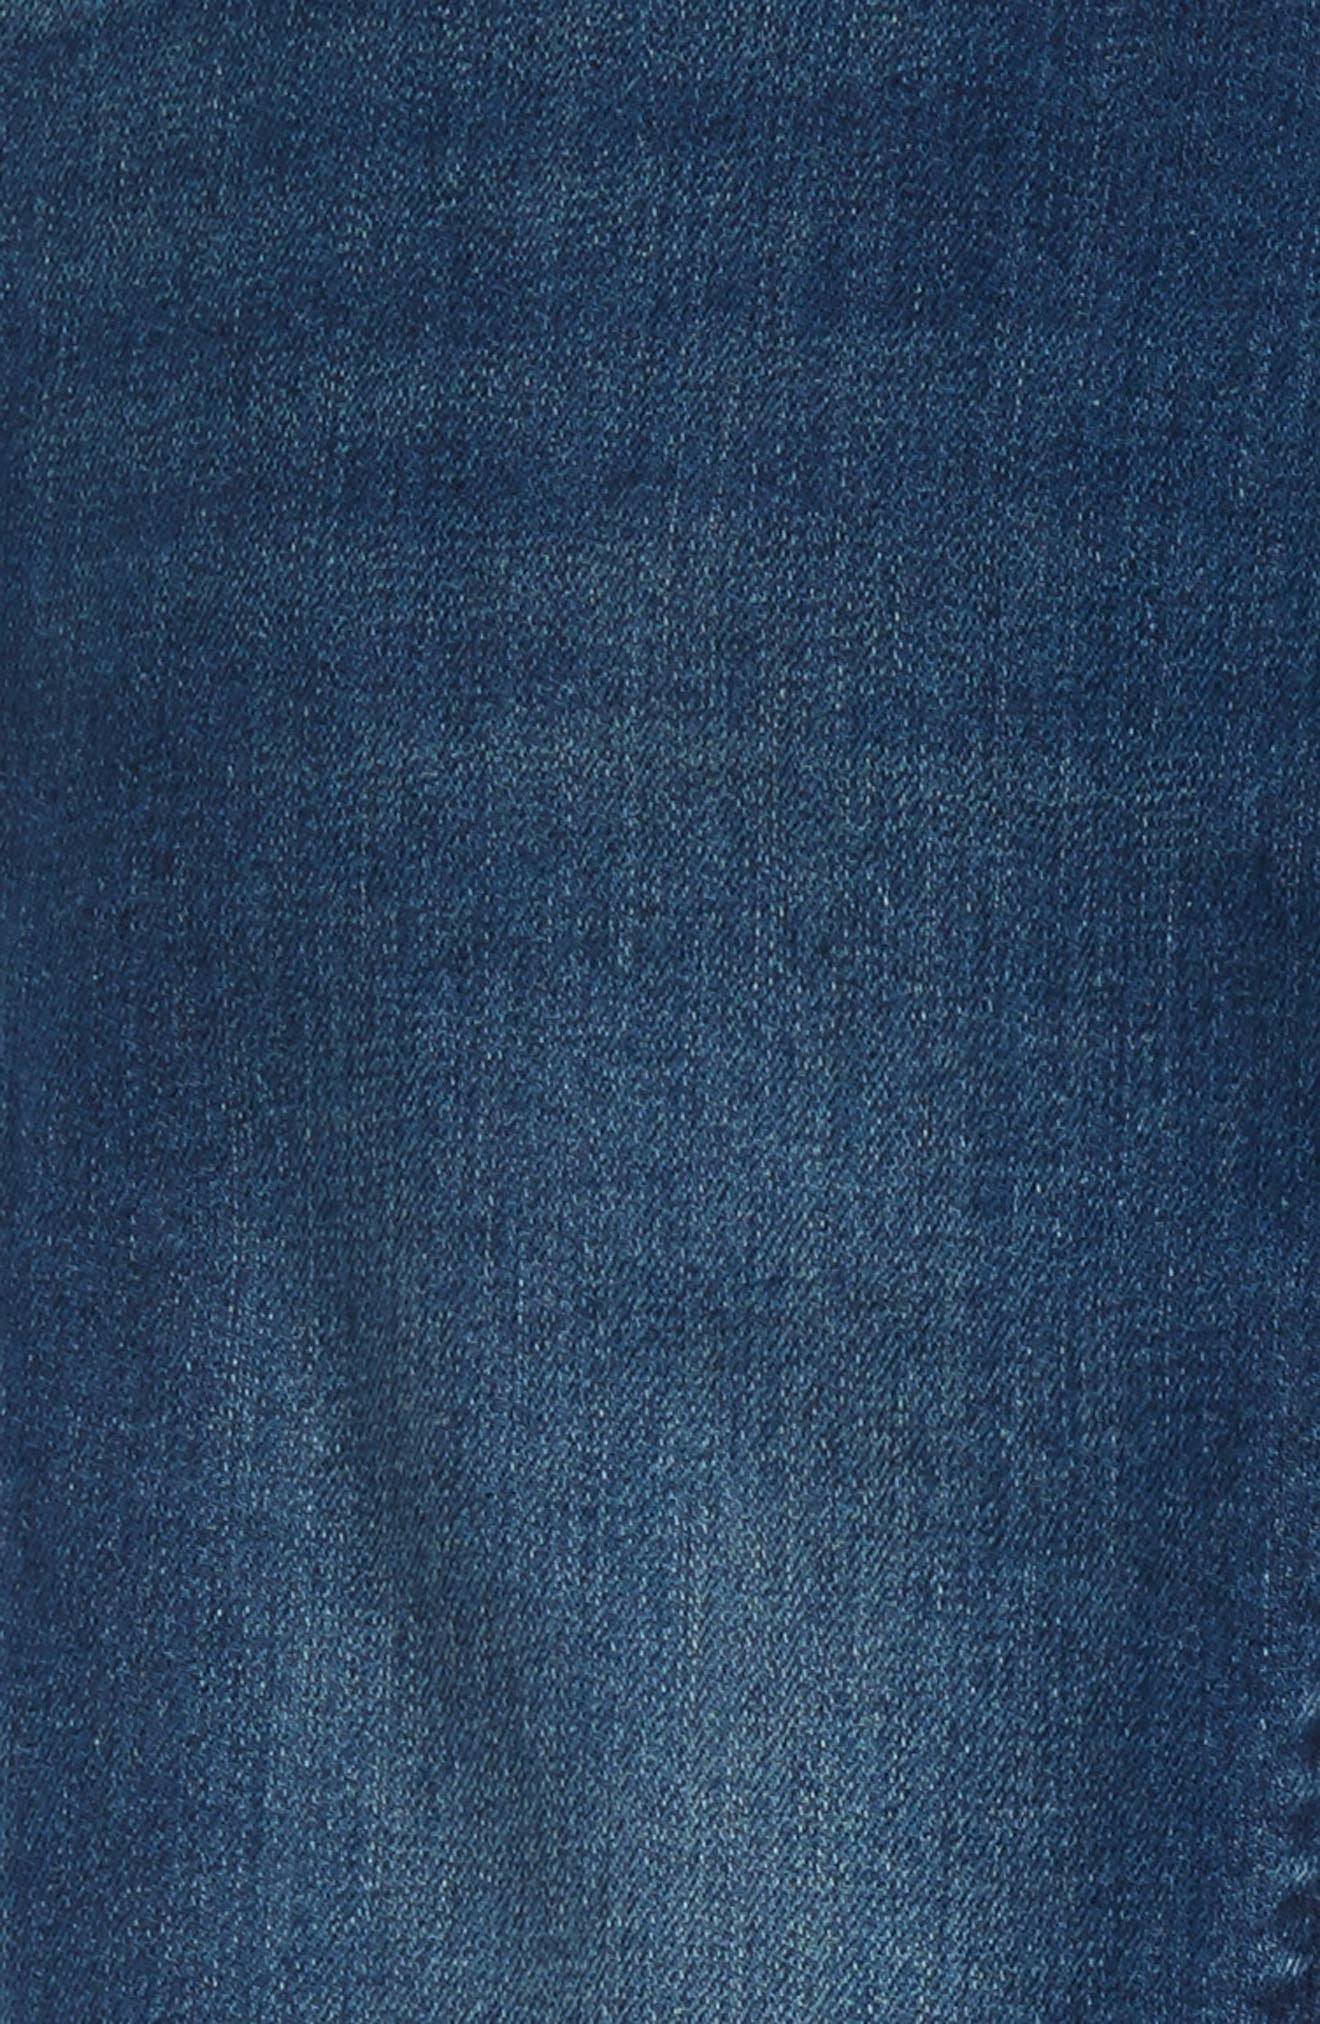 Alternate Image 3  - Volcom 'Solver' Straight Leg Denim Jeans (Toddler Boys, Little Boys & Big Boys)